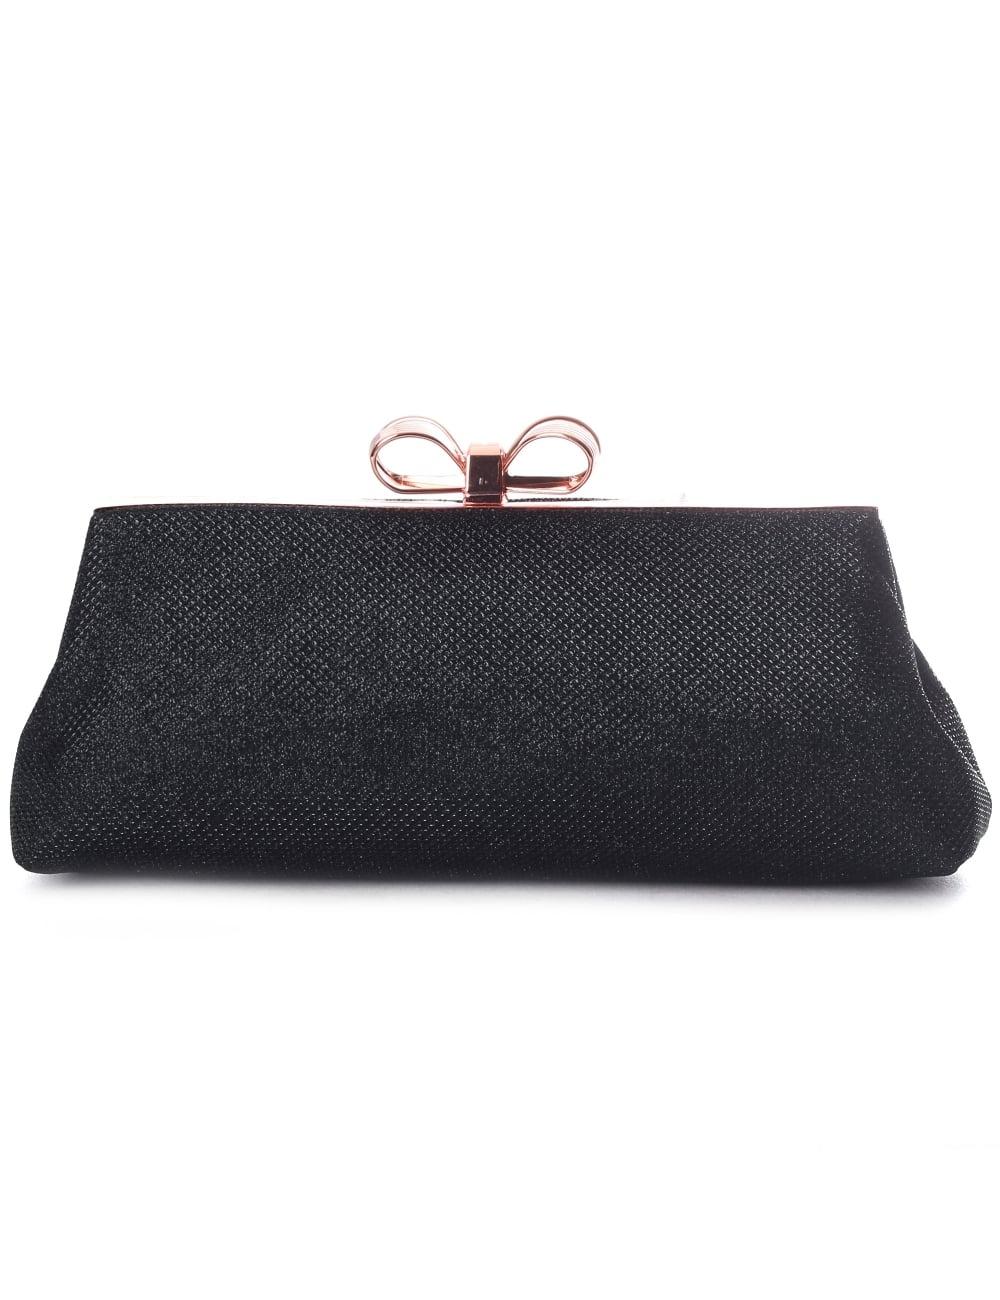 fed08f097 Ted Baker Iirene Glitter Bow Women s Evening Bag